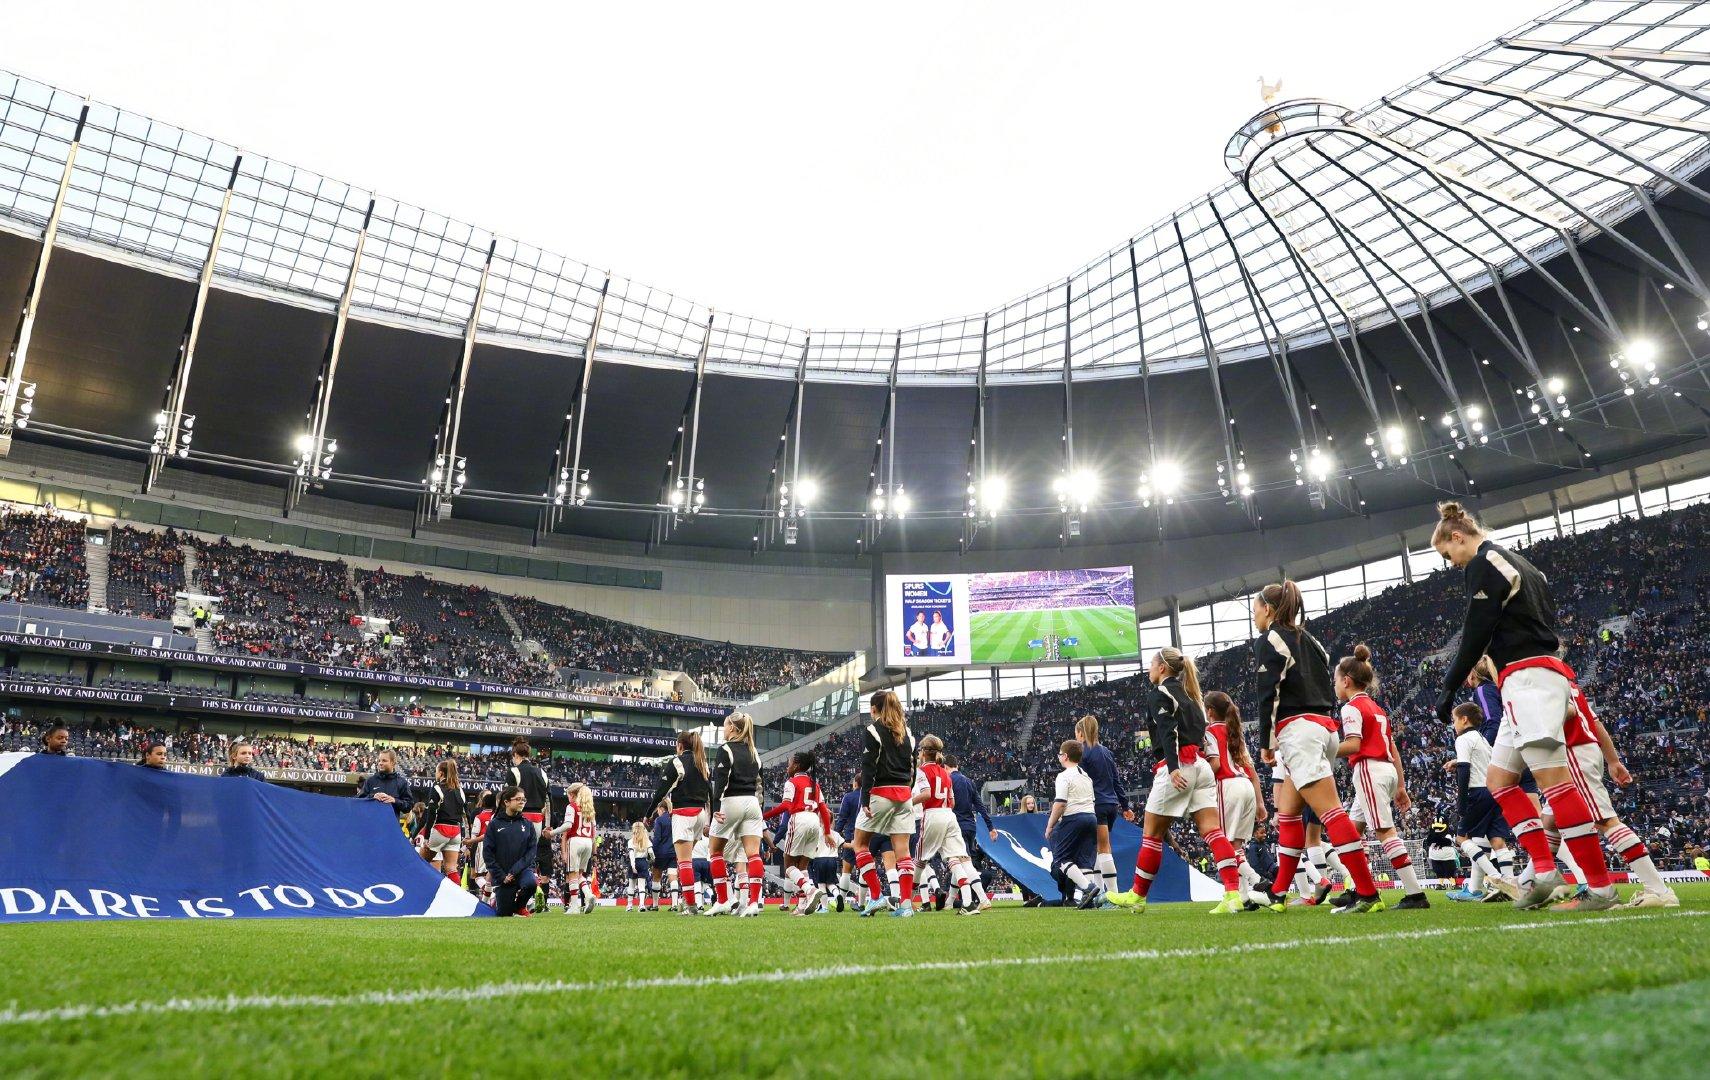 英格兰女足吸引近4万观众,我们看场王霜却只有一面看台